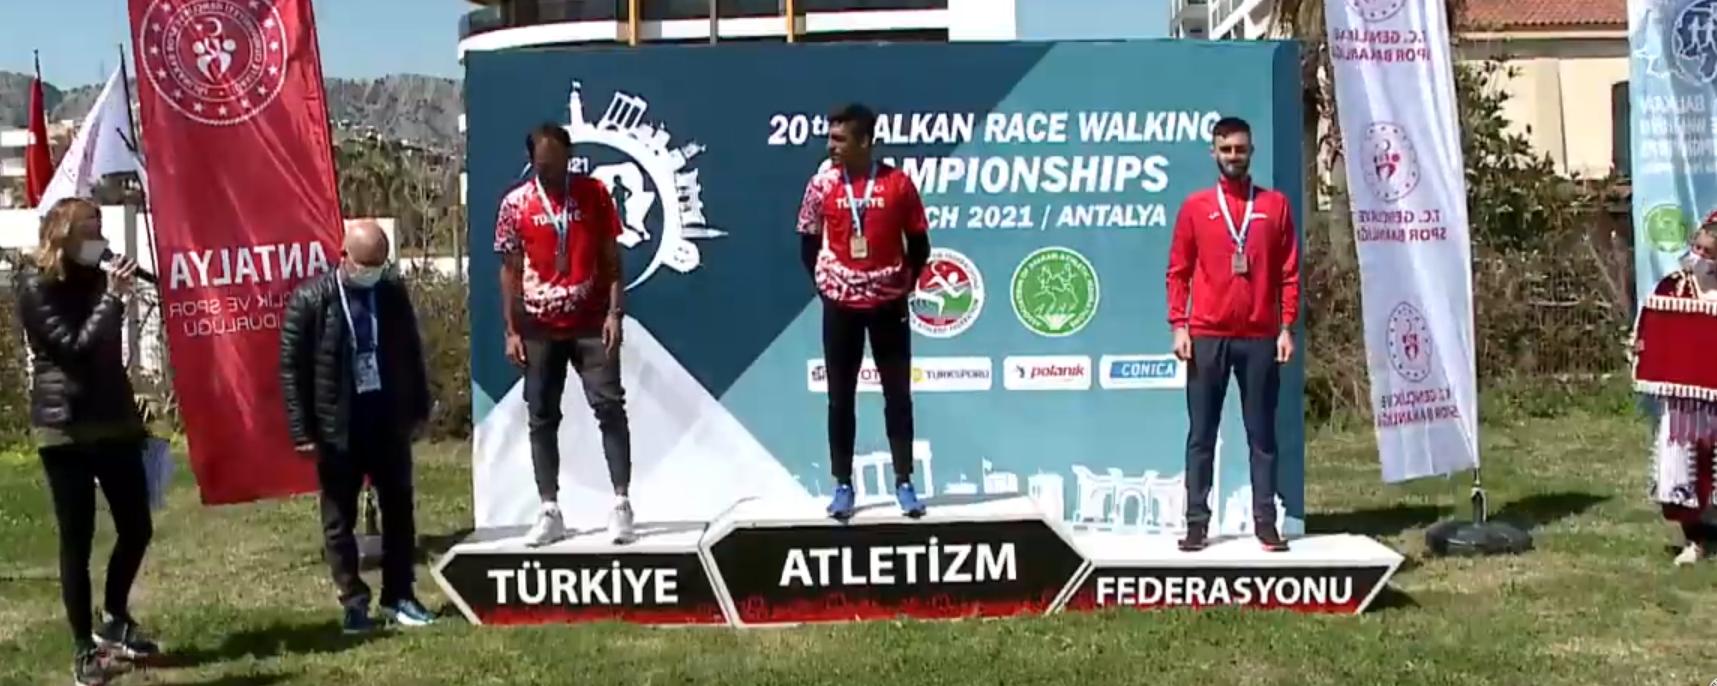 210327 Antalya 04